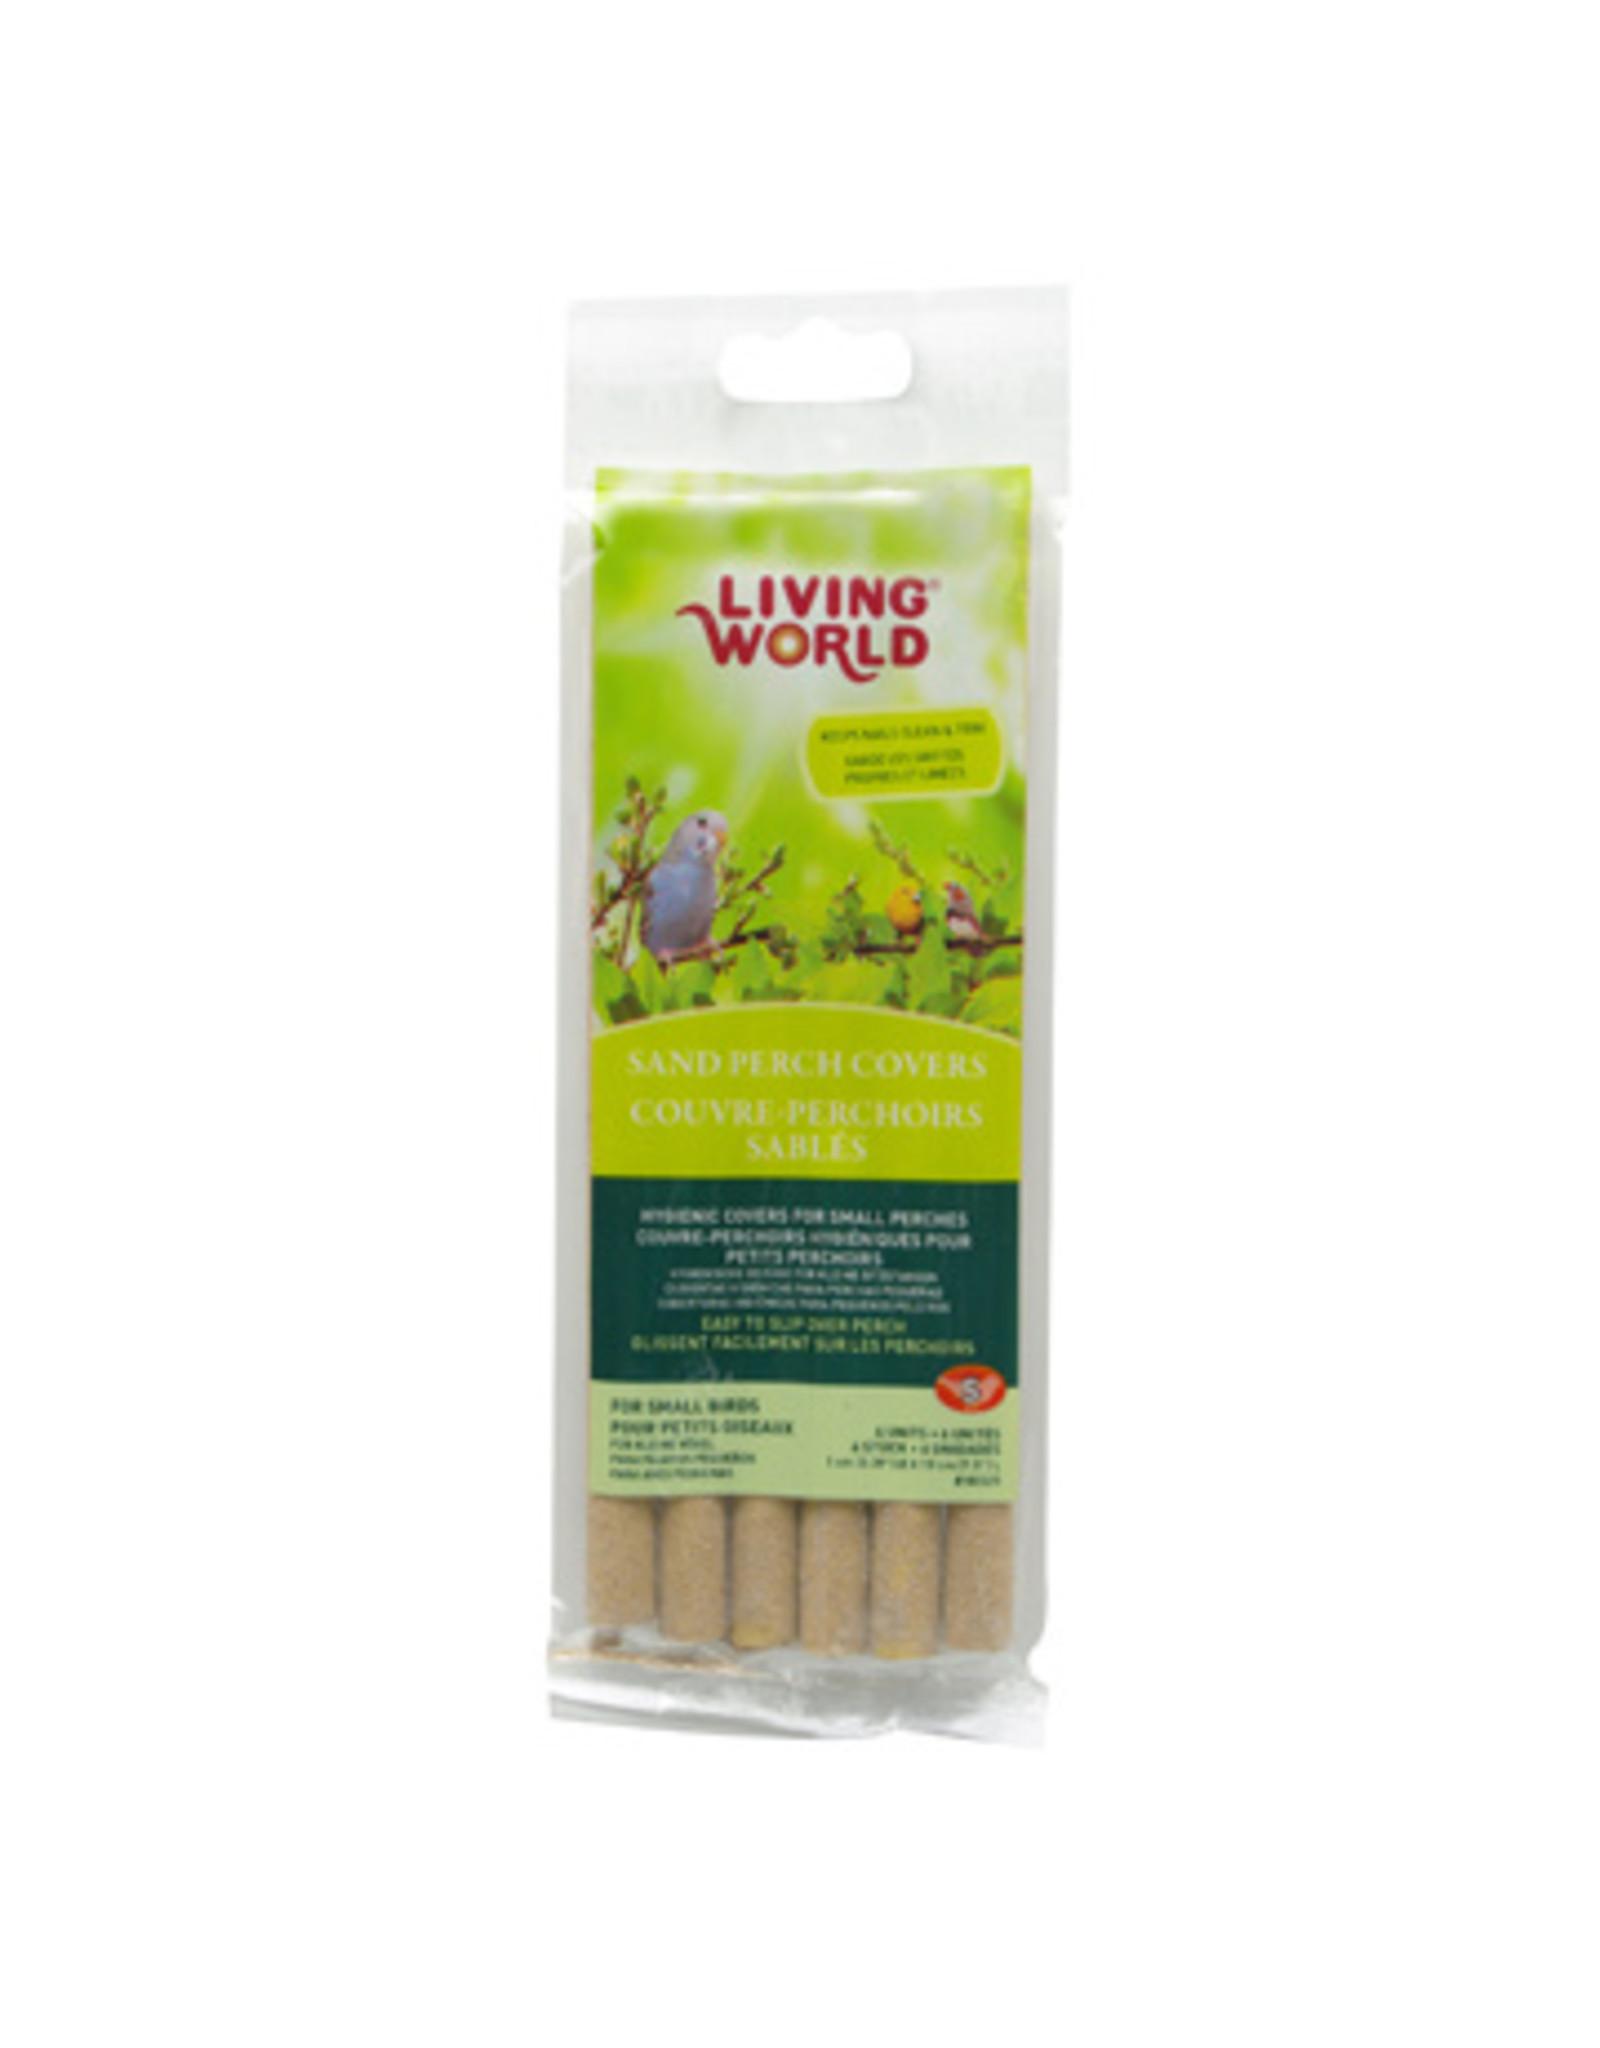 Living World LIVING WORLD Sandperch Refills (Small) 6Pk